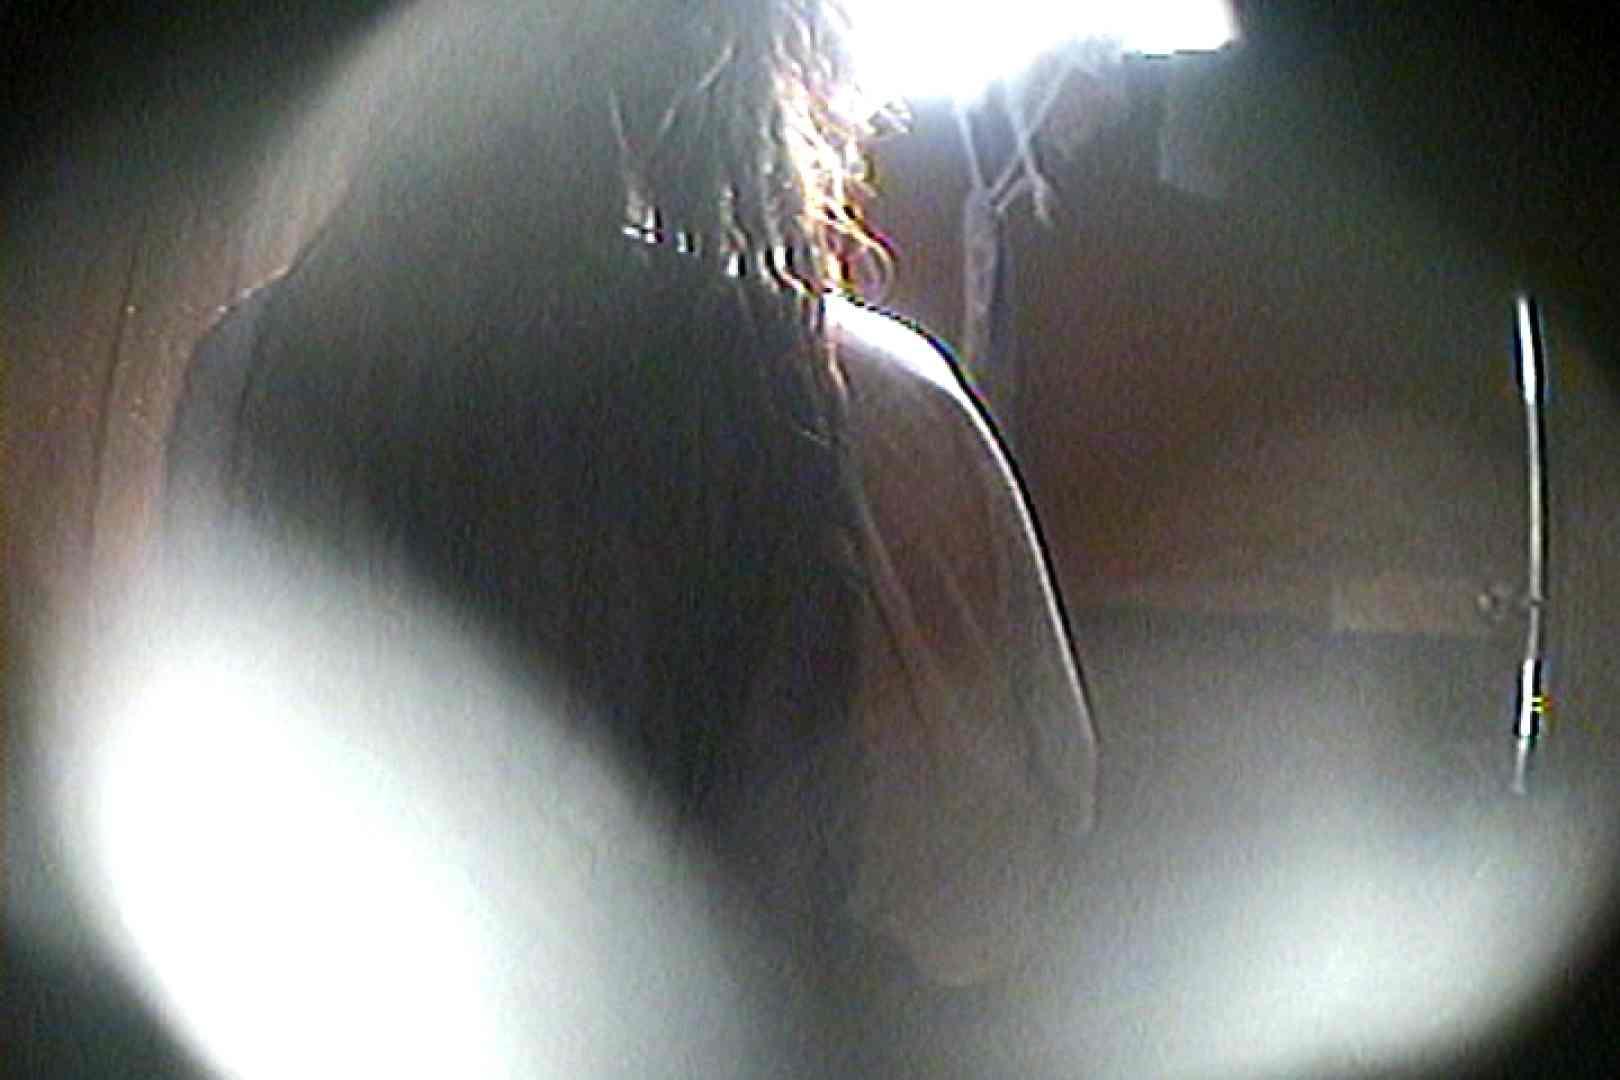 海の家の更衣室 Vol.61 美女 盗撮オマンコ無修正動画無料 62pic 23